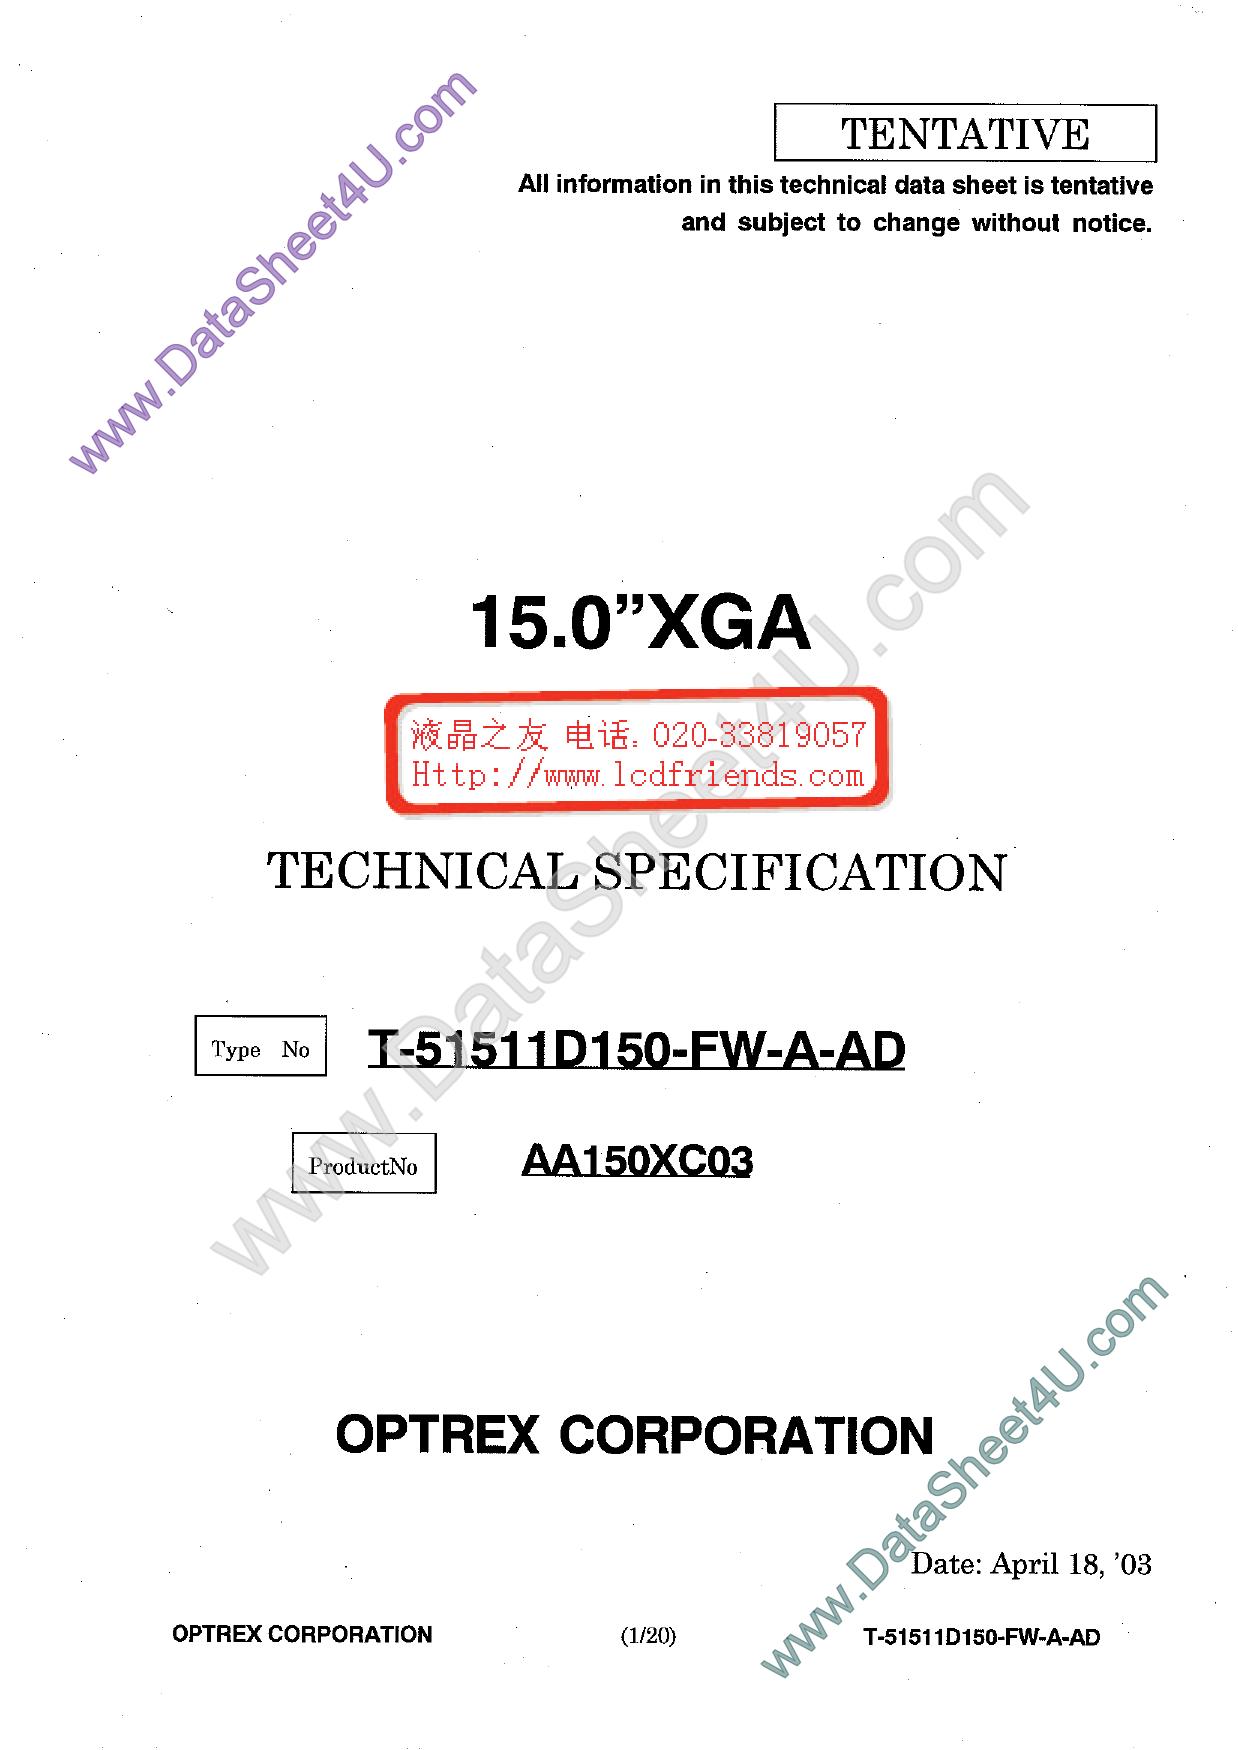 T-51511D150-FW-A-AD datasheet